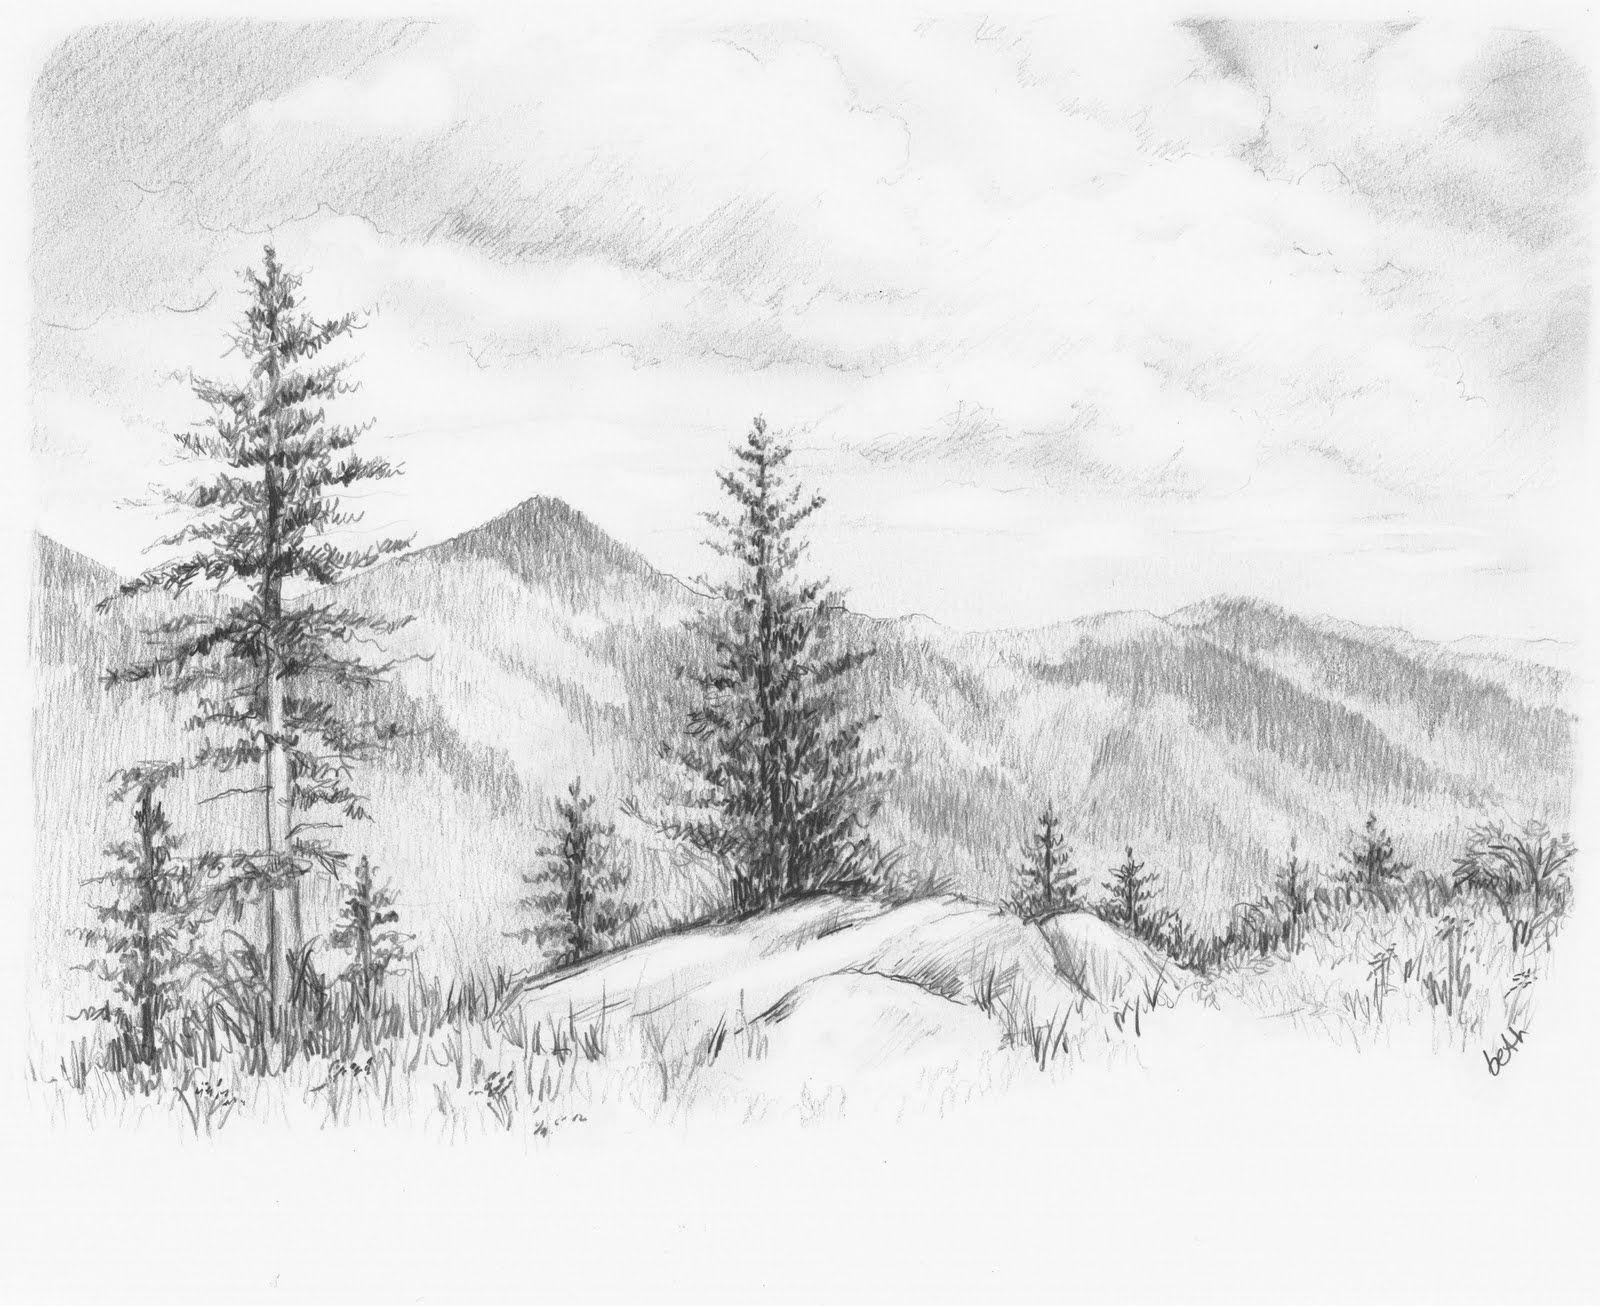 Http 4 Bp Blogspot Com Lt7mqarj10q S8 Vchdgc0i Aaaaaaaaafq O9zvfpcem8g S1600 Parkway Ed Landscape Pencil Drawings Landscape Drawings Nature Drawing Pictures